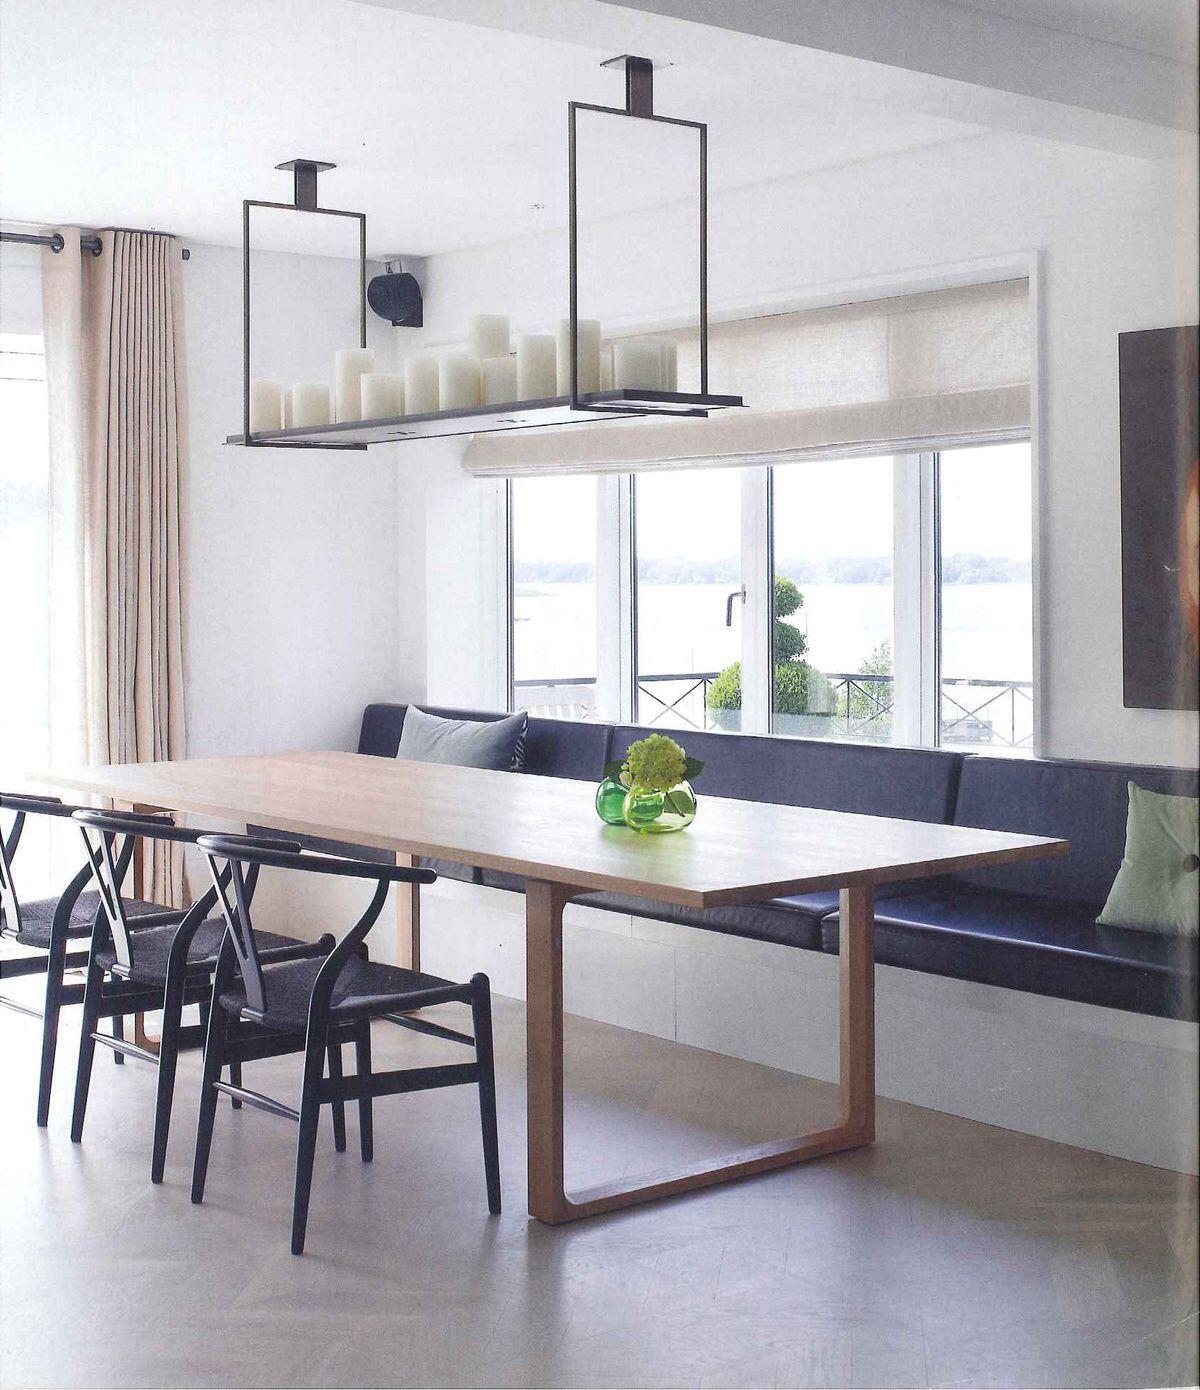 Eethoek bank | Keuken | Pinterest | Esszimmer und Möbel